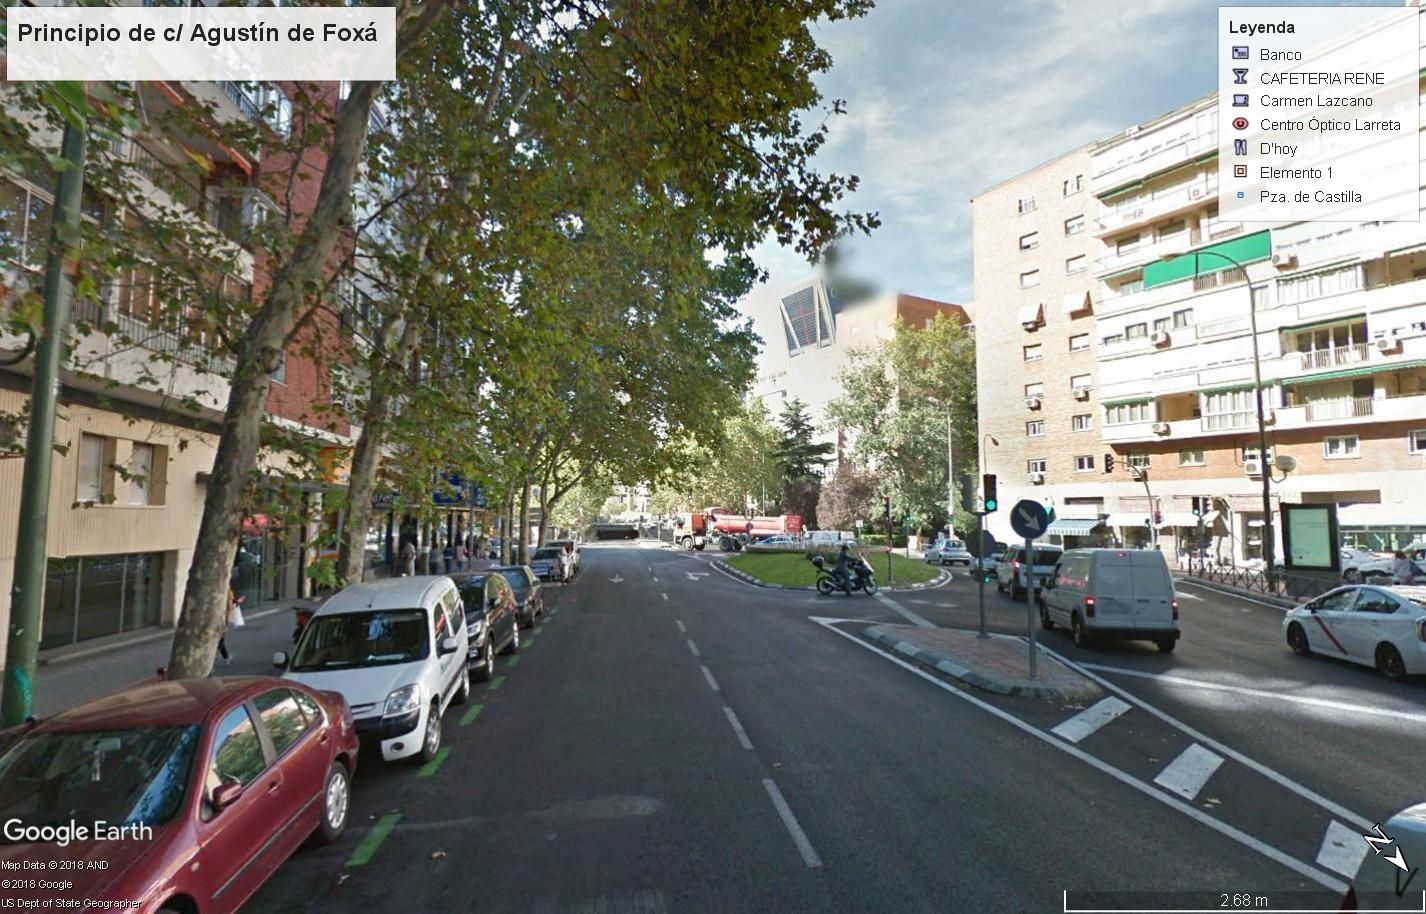 Actualmente, para ir desde Agustín de Foxá a Plaza de Castilla hay que dar un rodeo. Esto se pretende salvar con la nueva arteria.